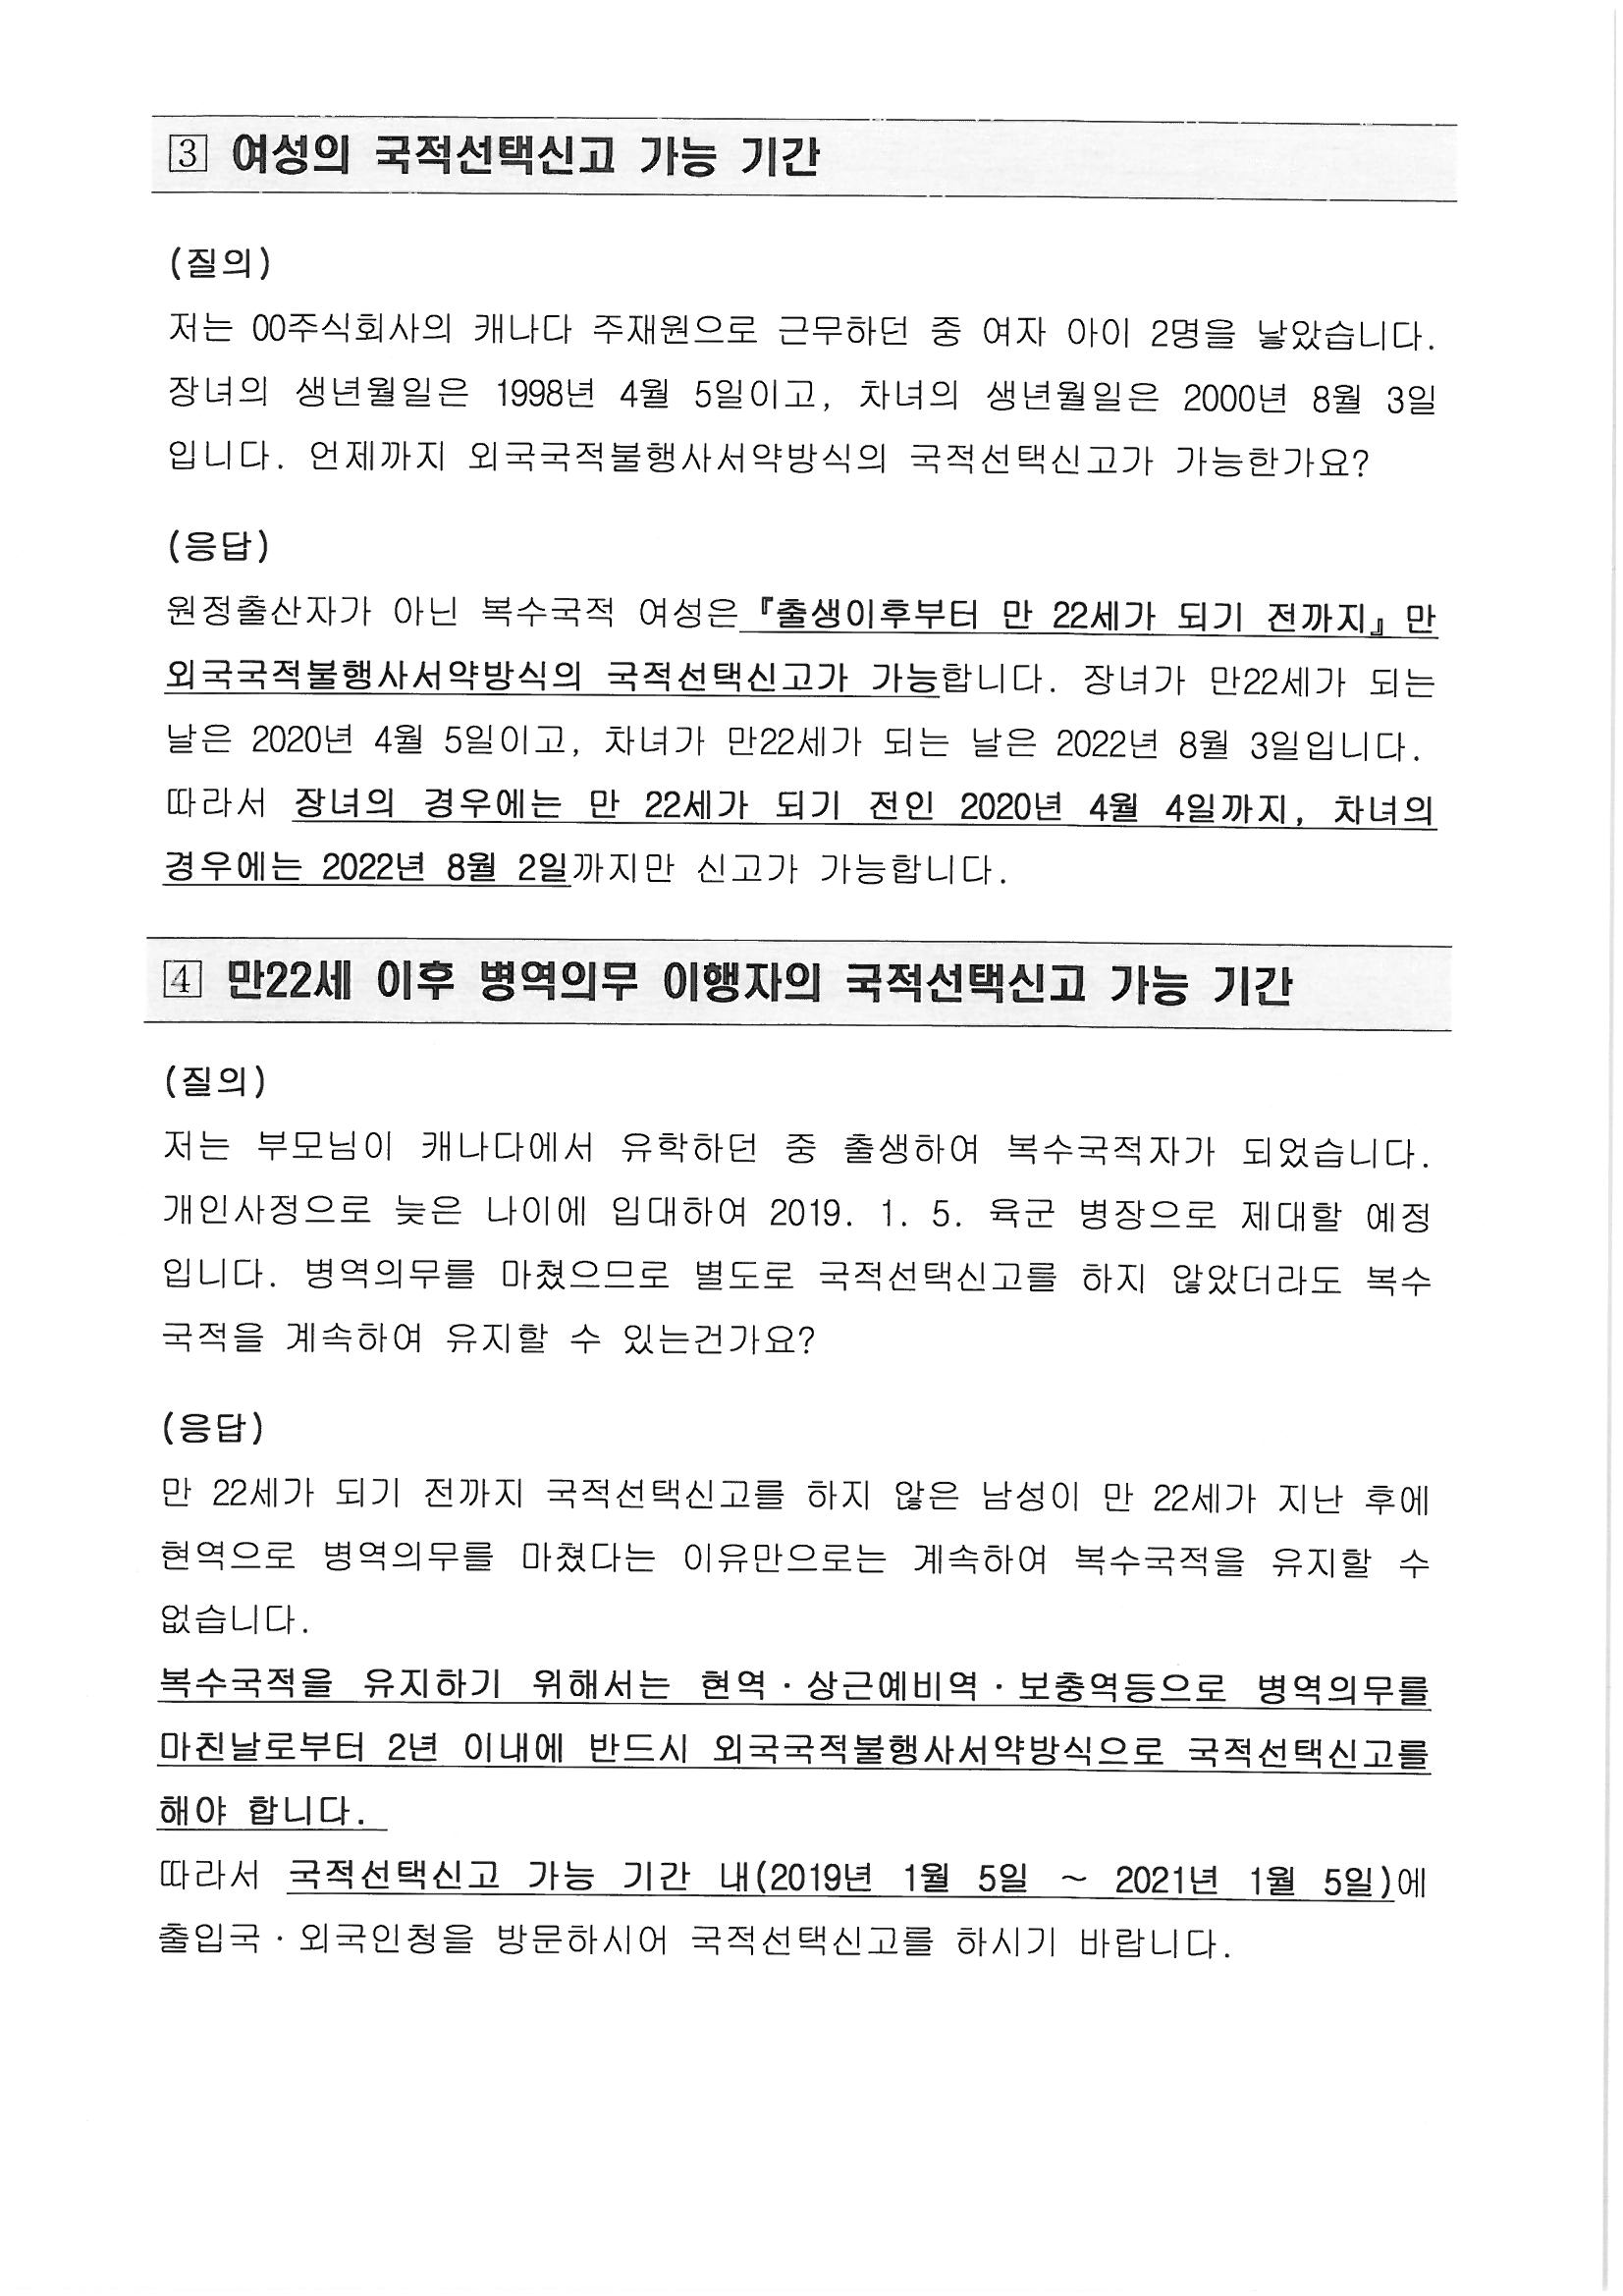 국적선택 홍보 자료(한인회장님)_페이지_03.jpg